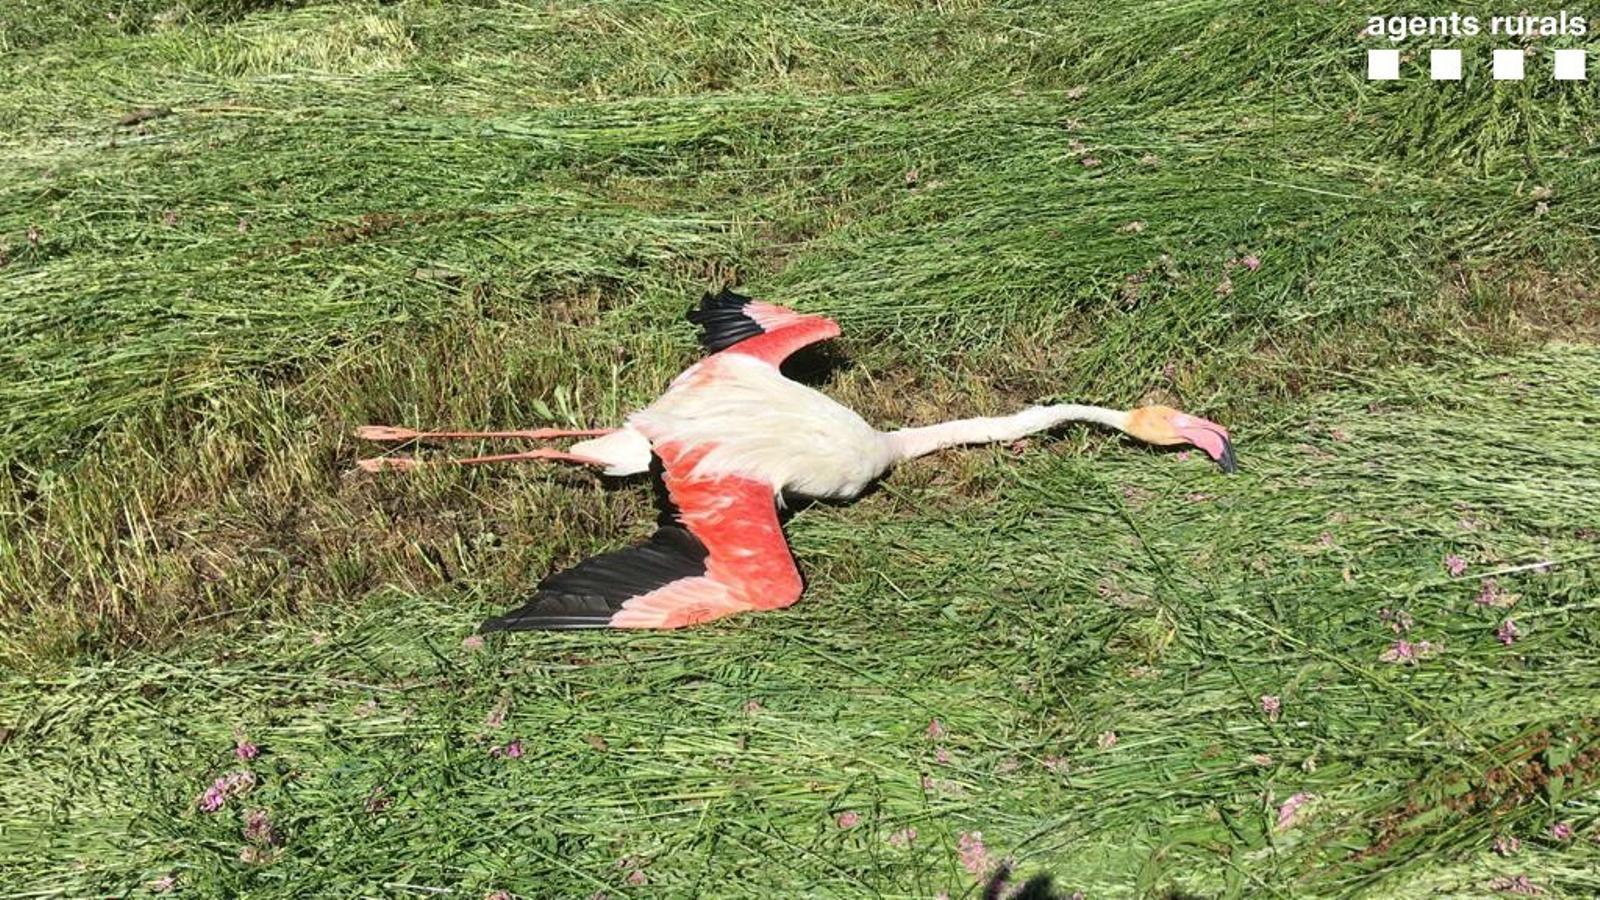 El cadàver del flamenc. / AGENTS RURALS